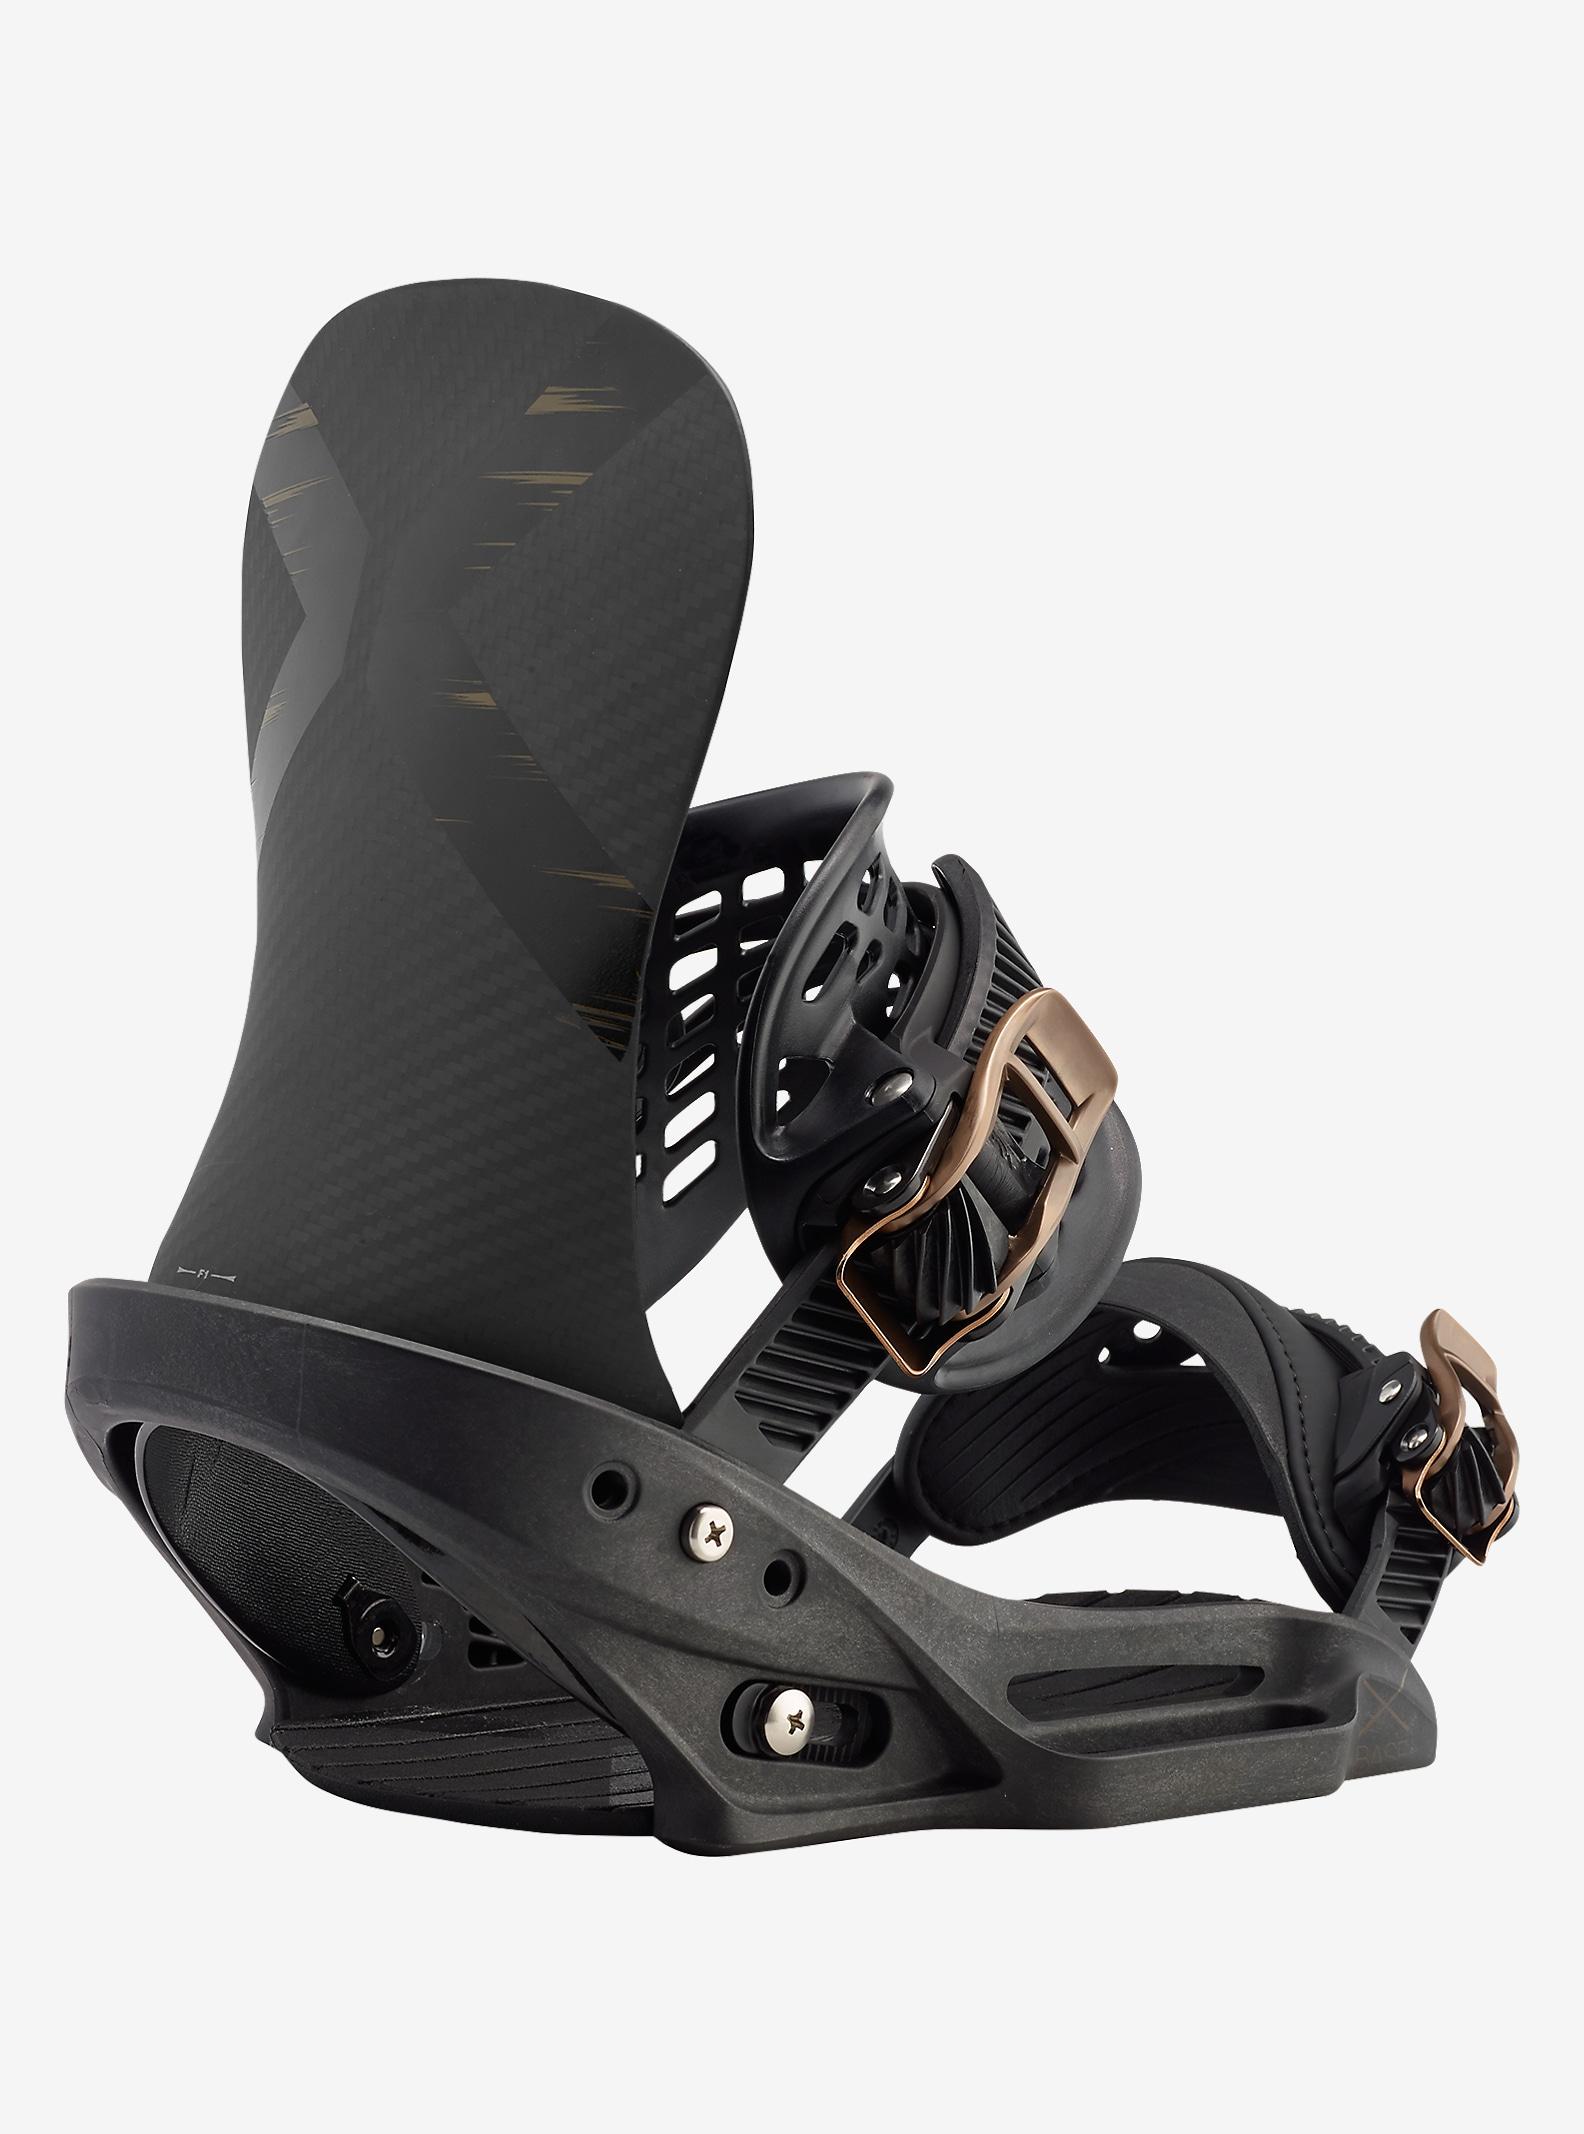 Burton X-Base EST Snowboardbindung angezeigt in Black Mag